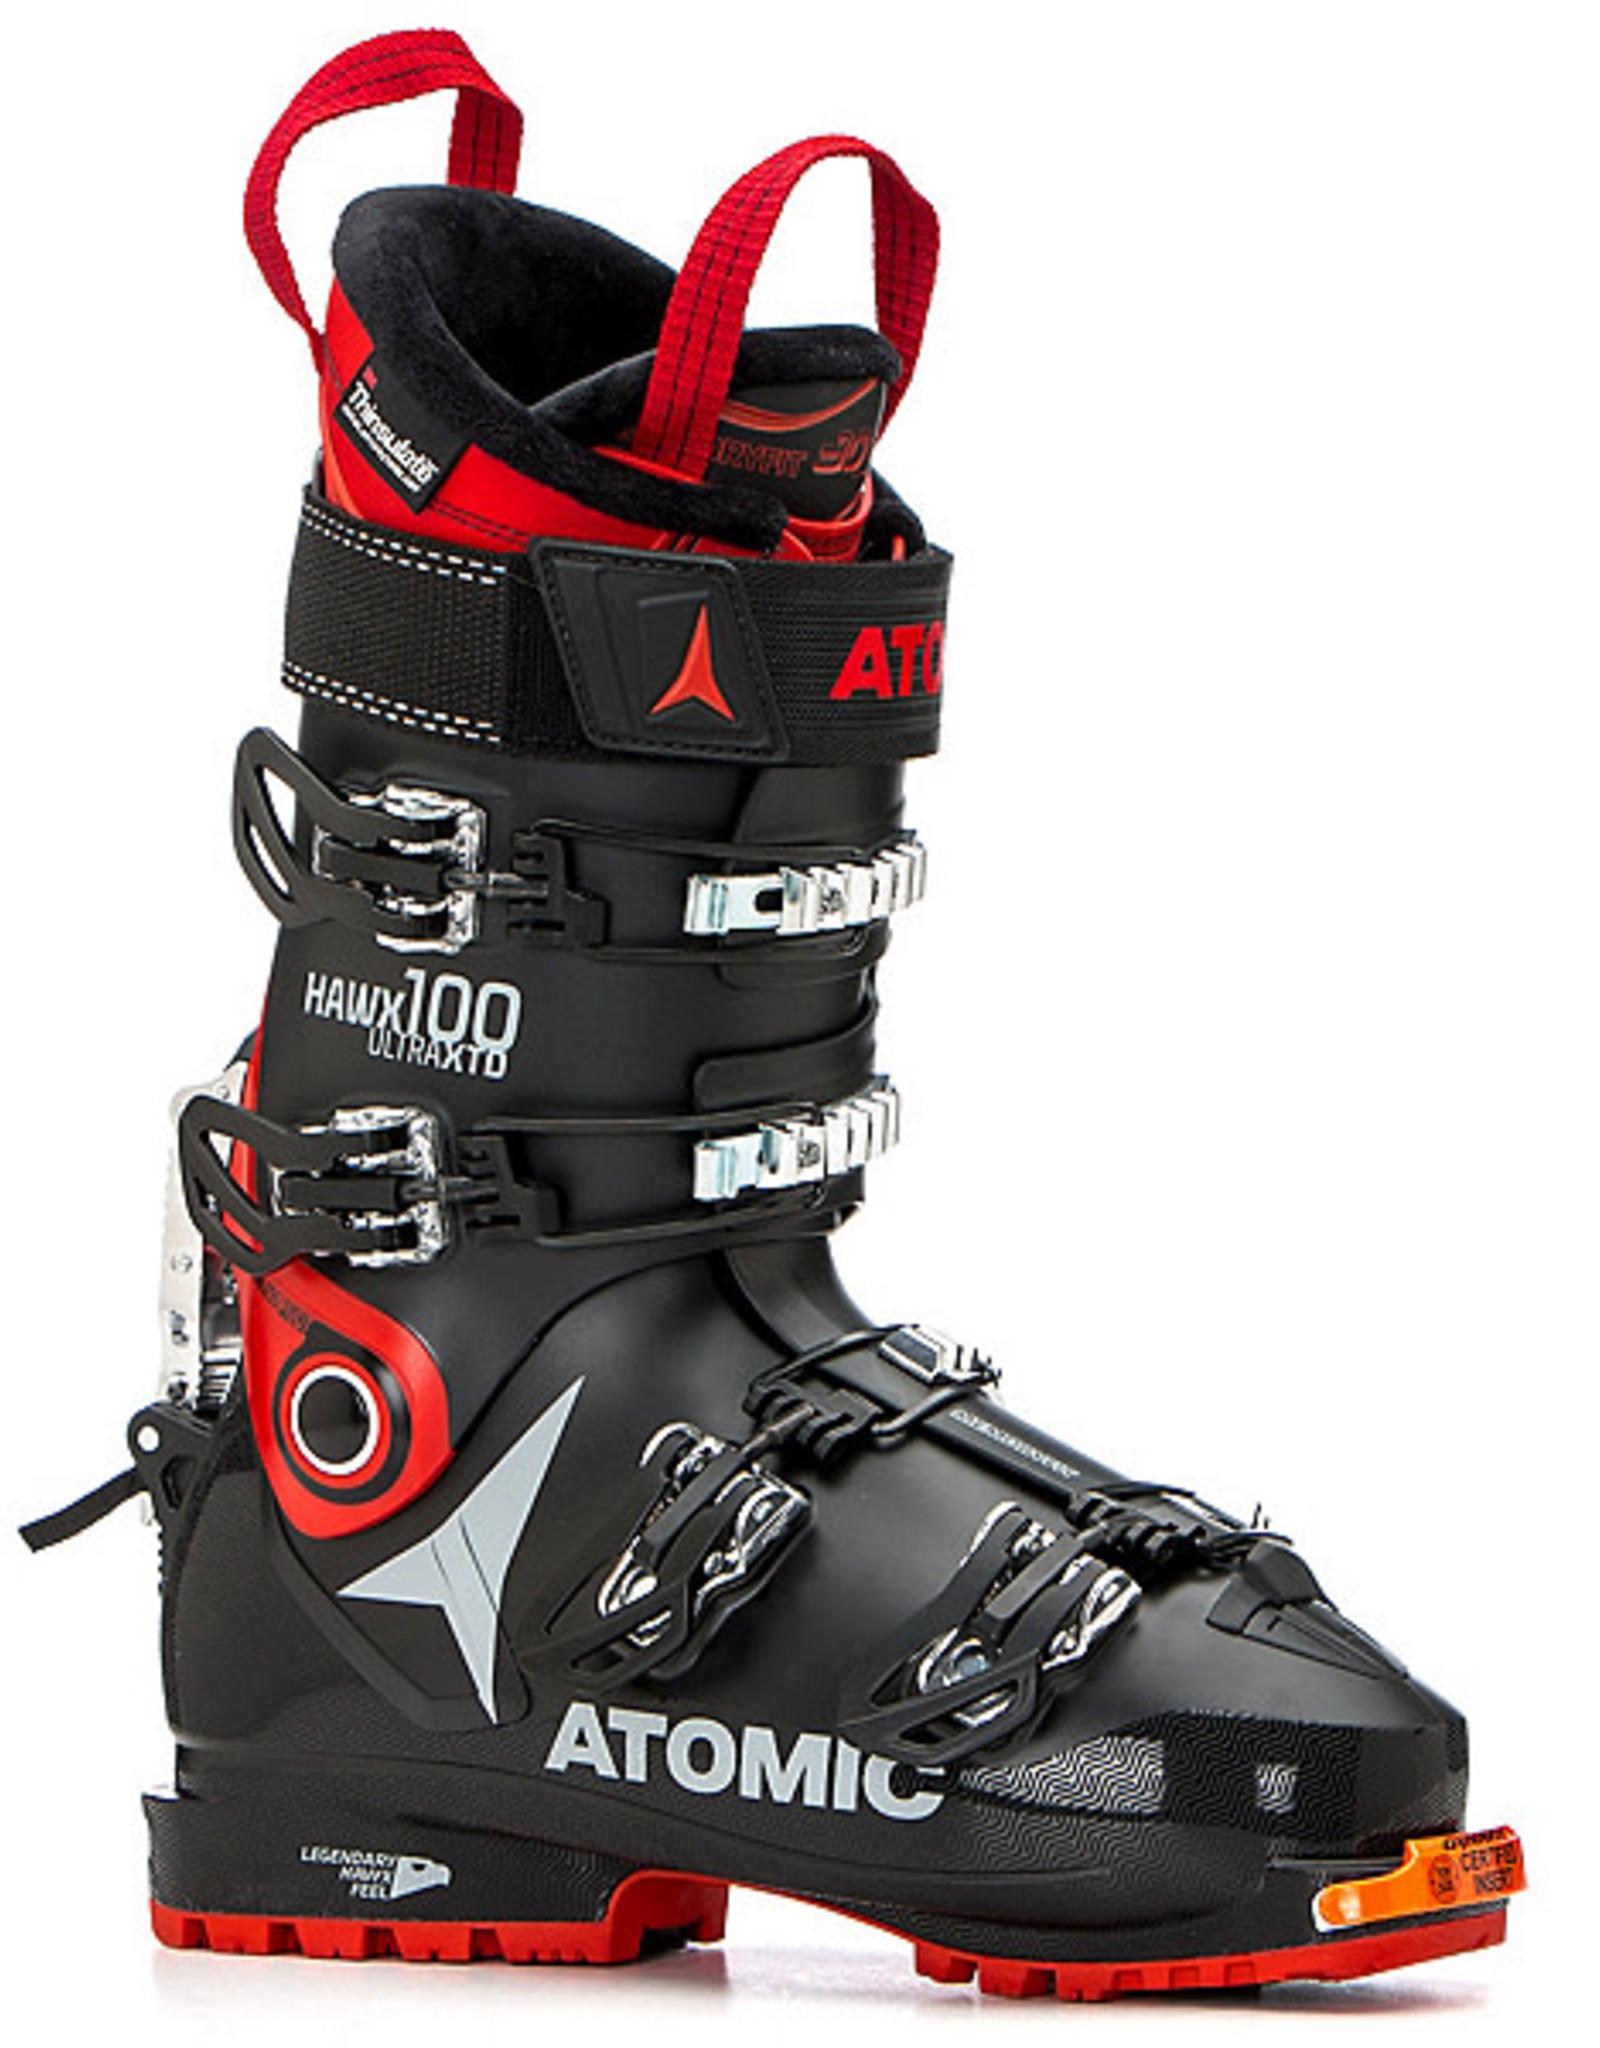 ATOMIC ATOMIC Ski Boots HAWX ULTRA XTD 100 (18/19)